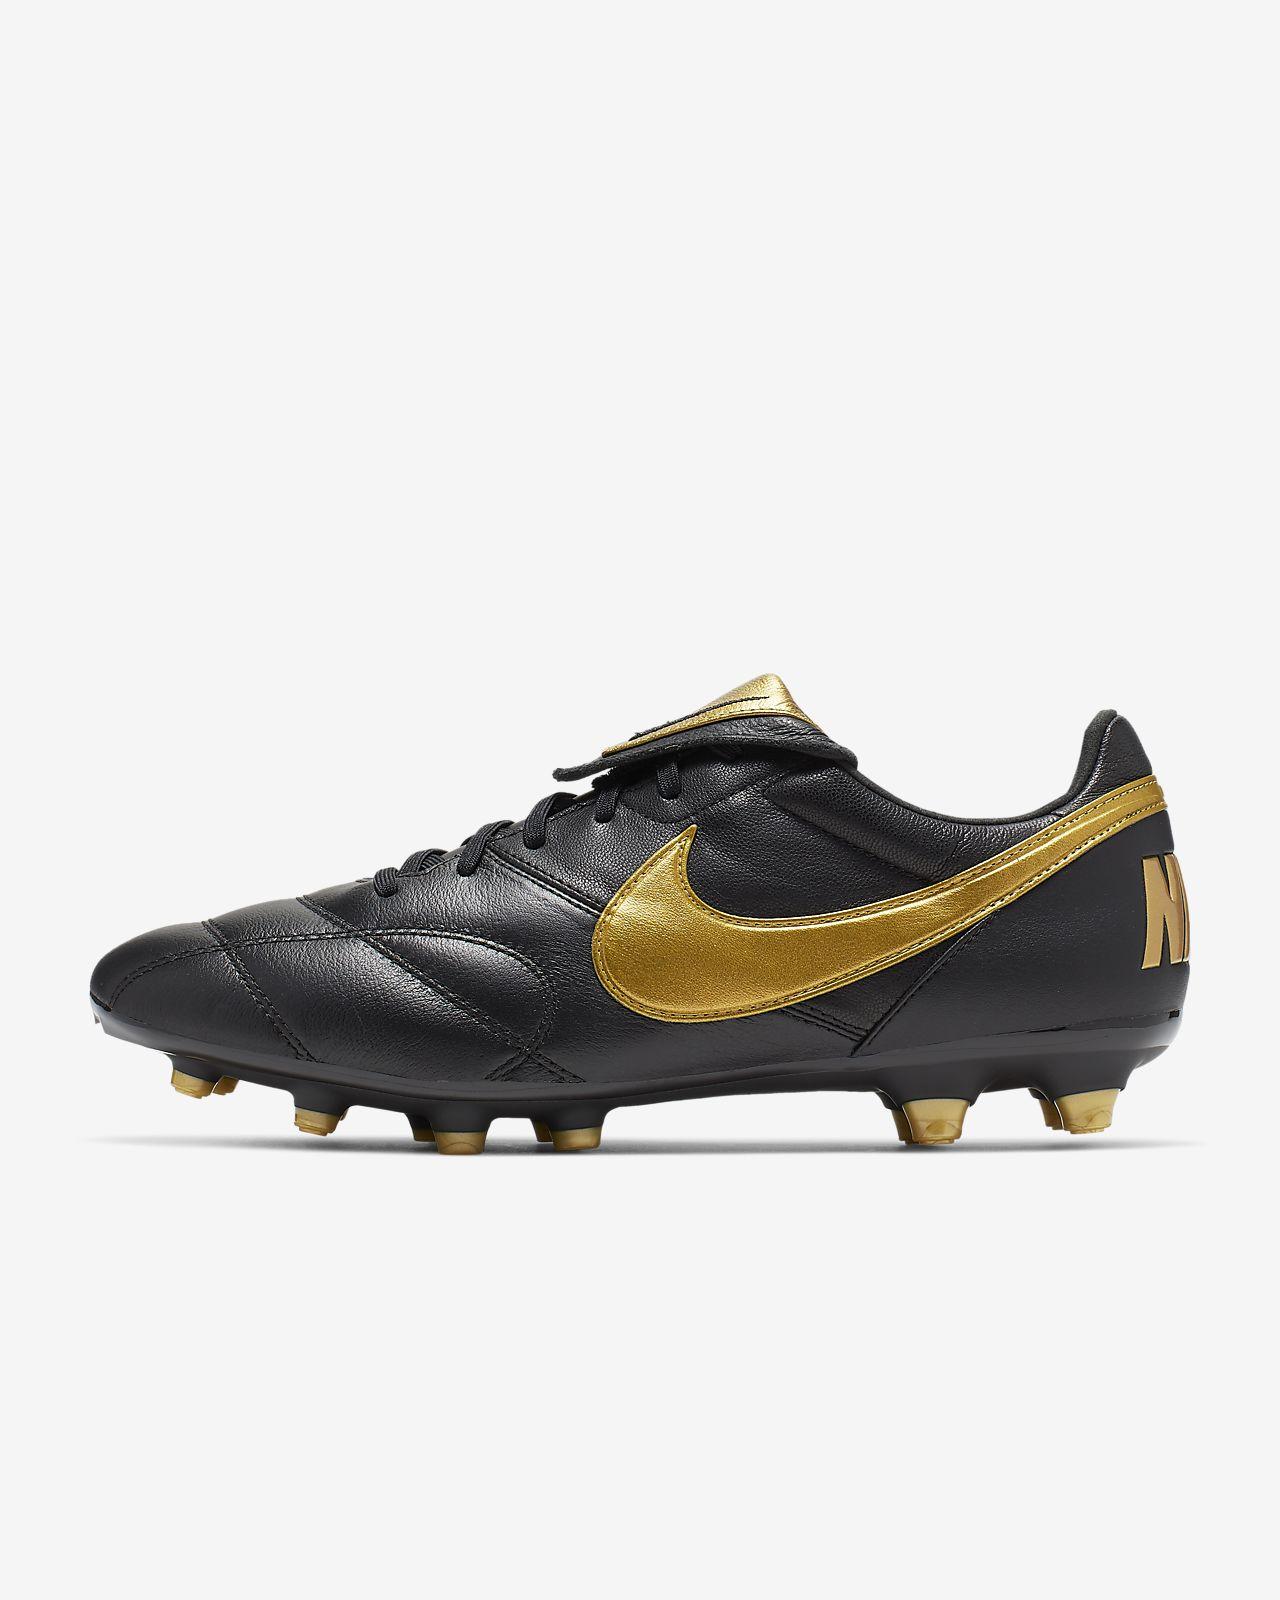 huge discount ce0b4 8a261 ... Chaussure de football à crampons pour terrain sec Nike Premier II FG